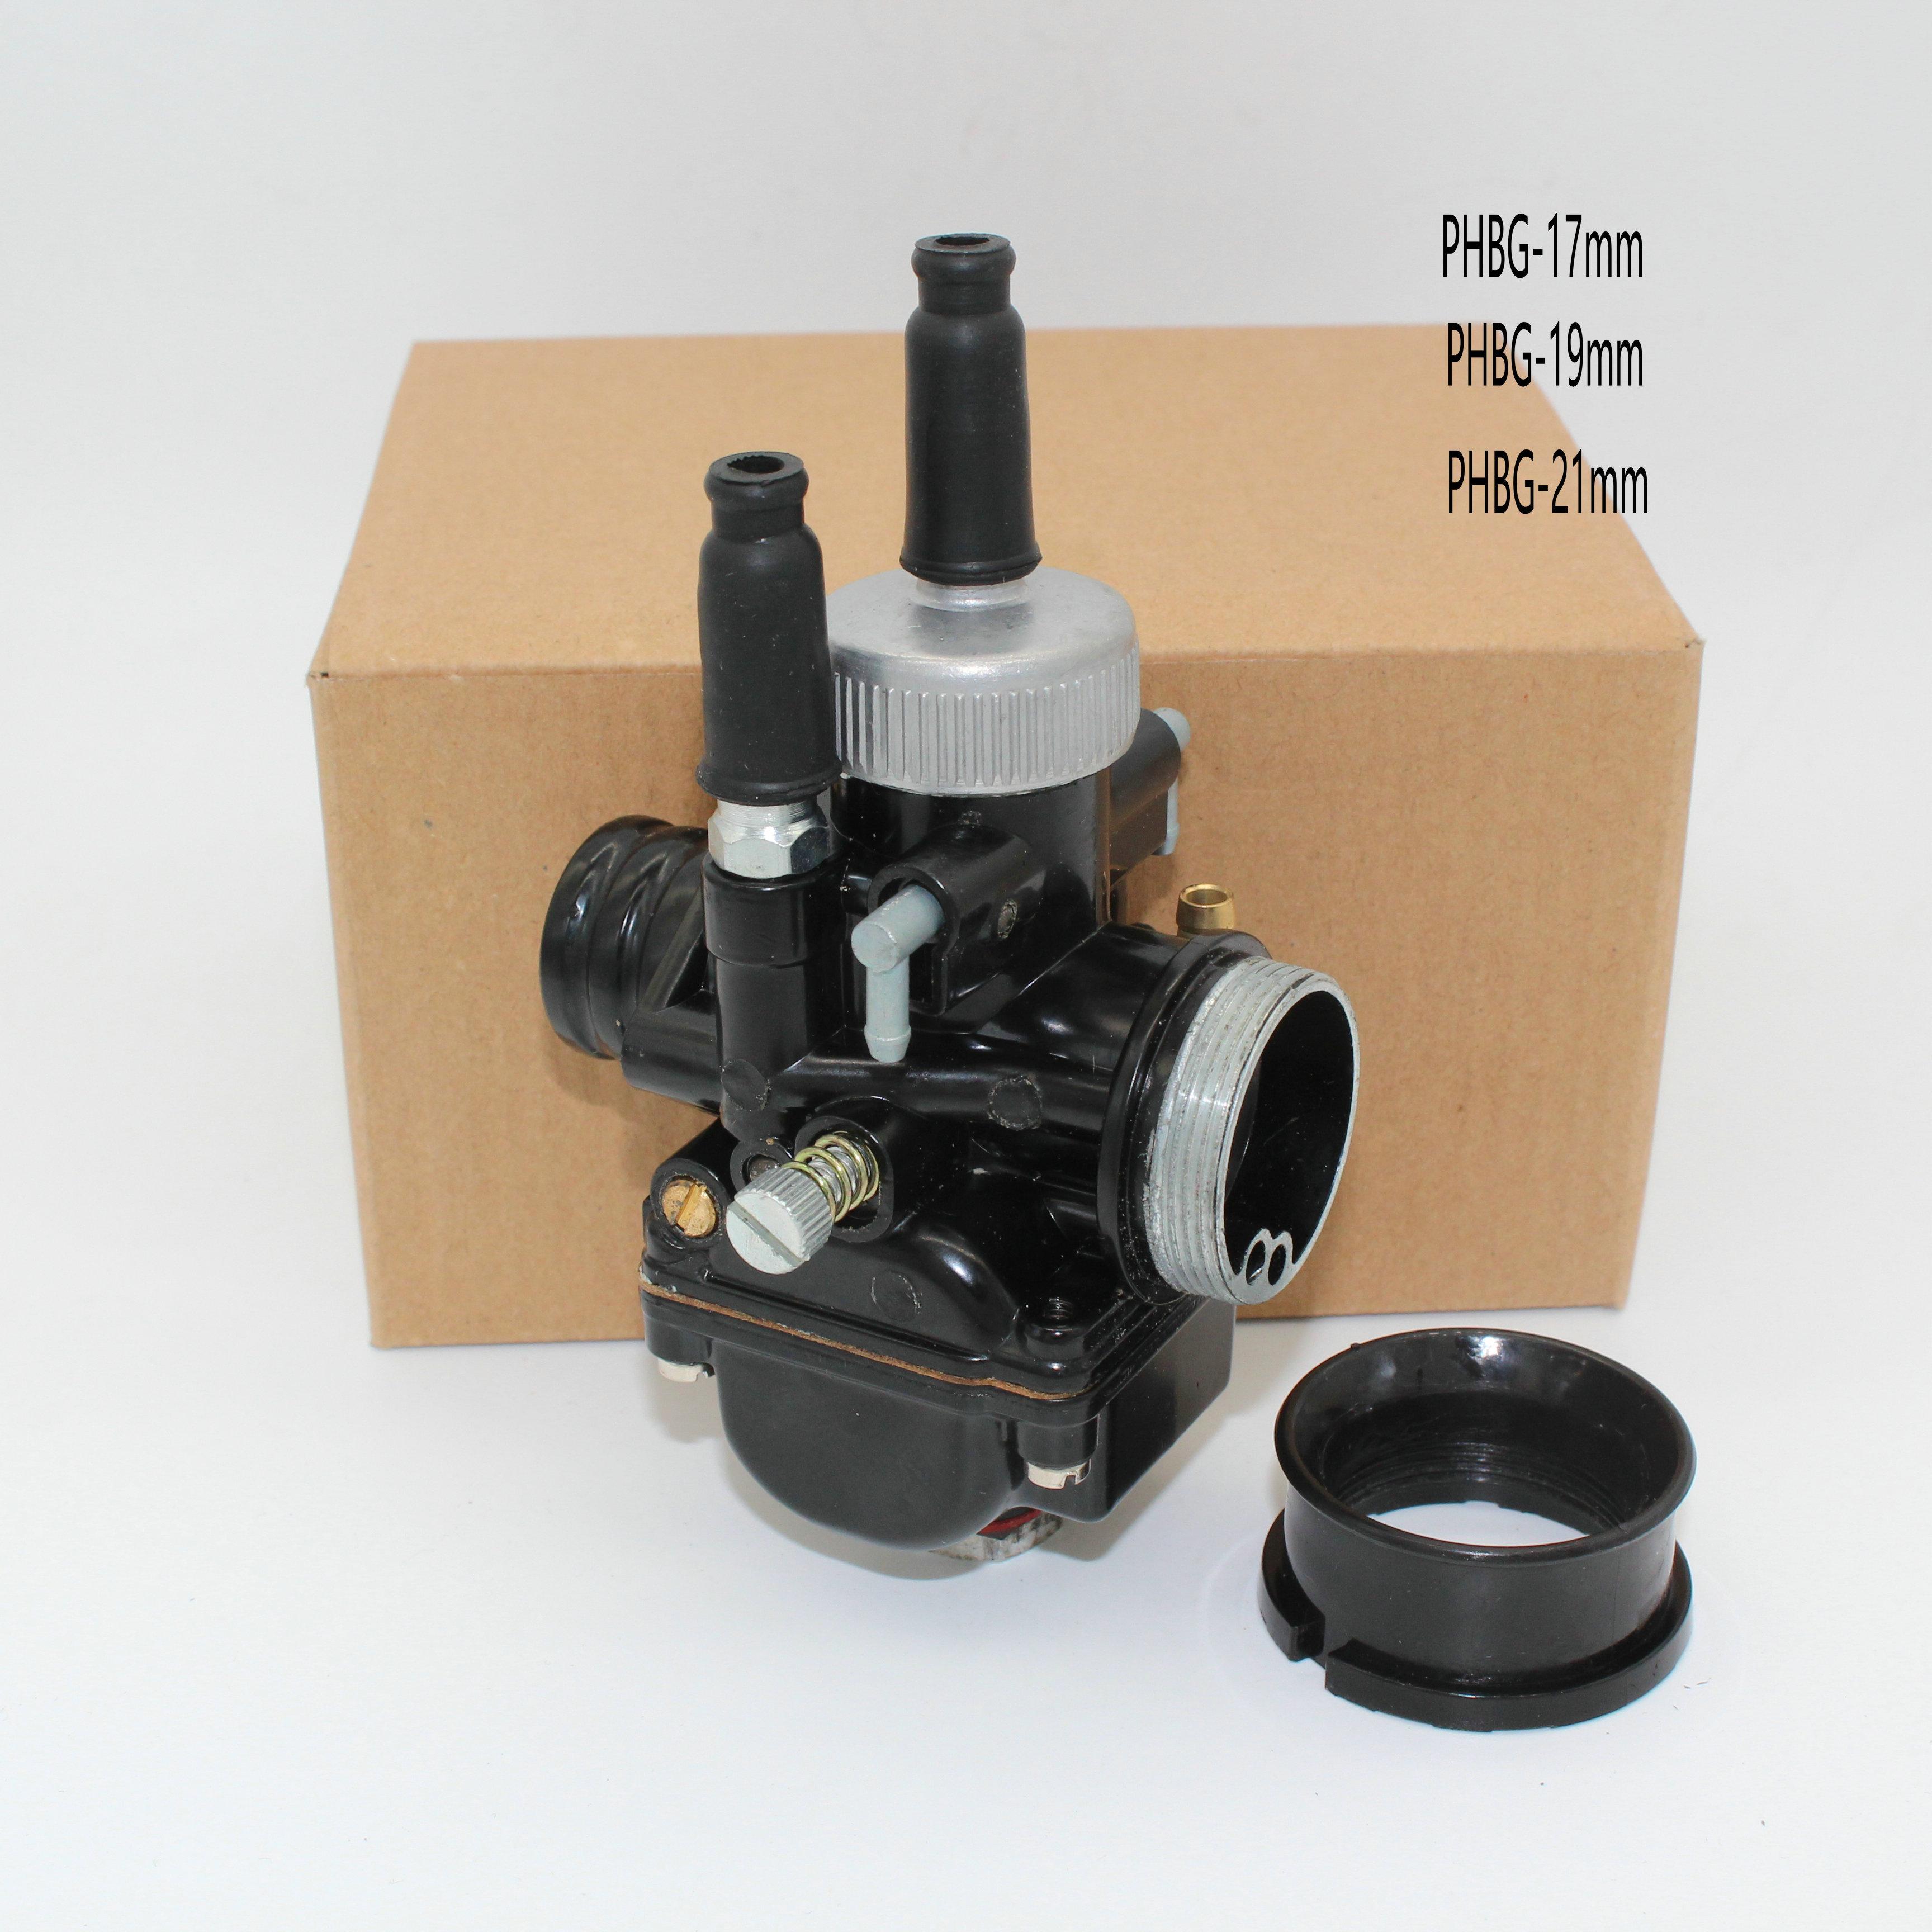 Nouveau carburateur moto noir Racing PHBG 17mm 19mm 21mm réplique Dellorto pour Yamaha KTM Puch Zuma BWS100